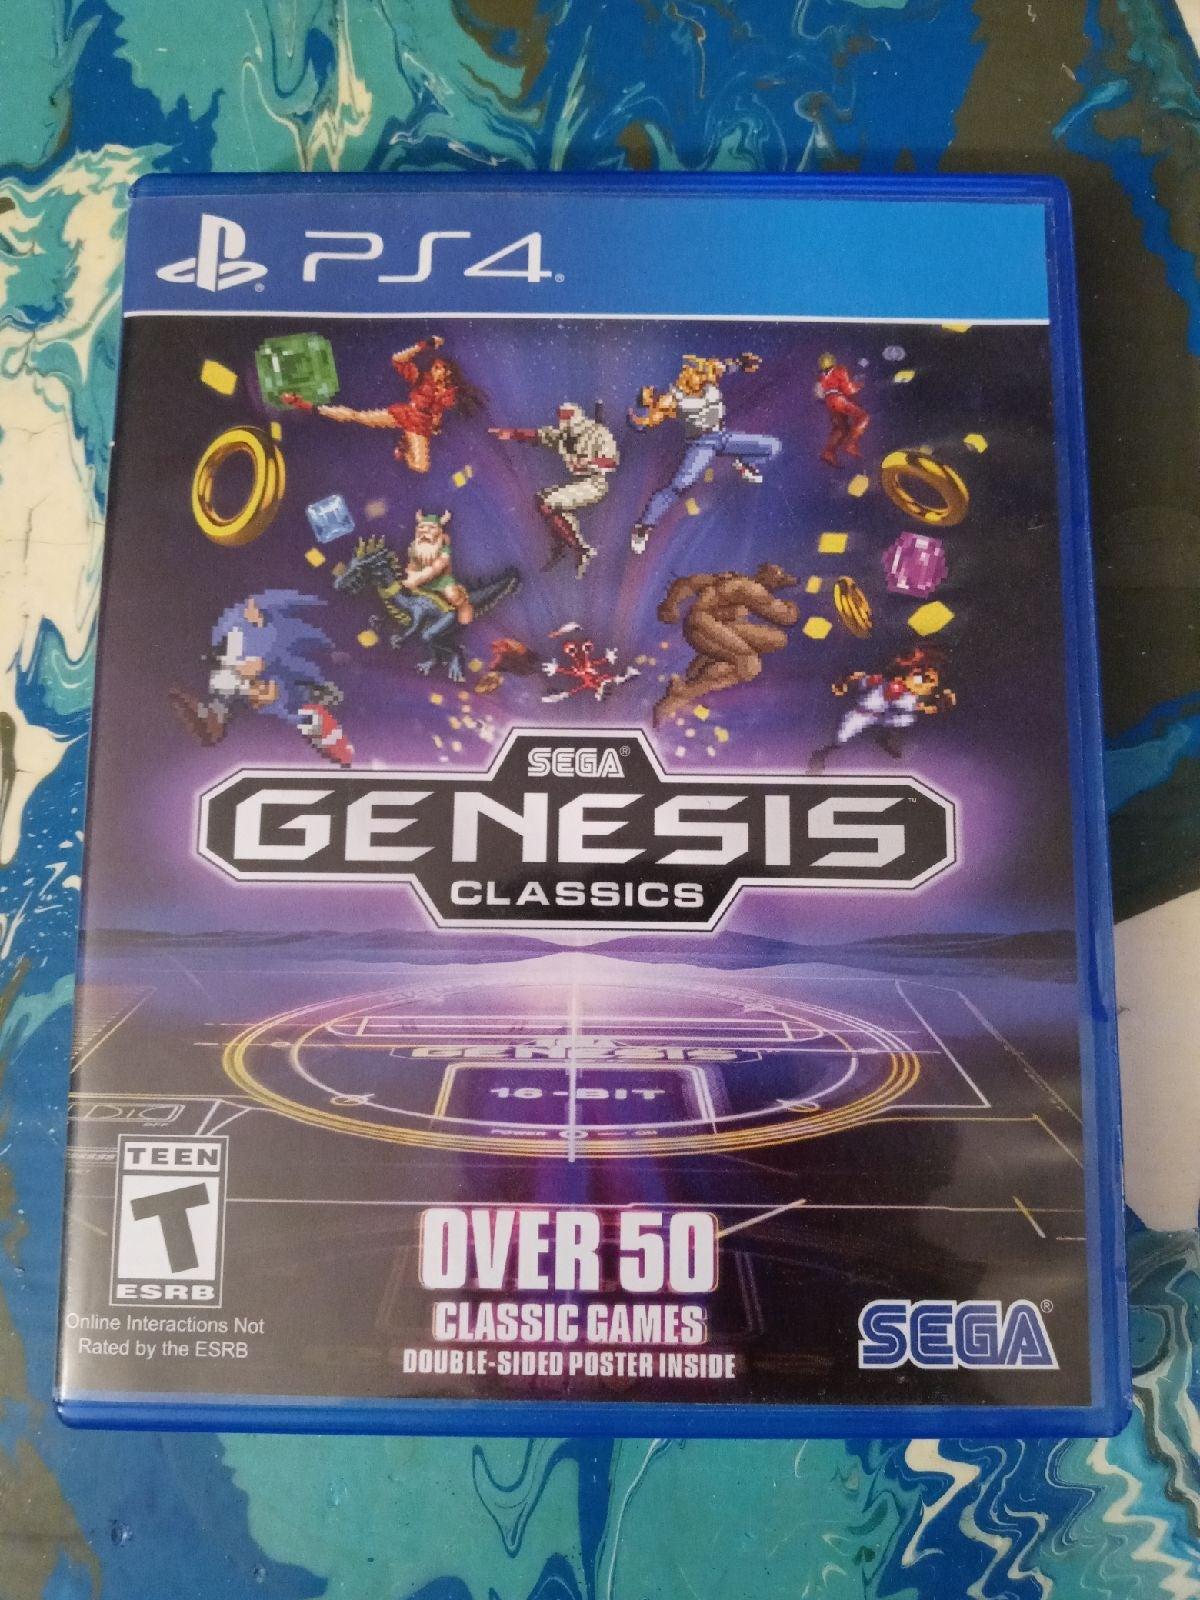 ps4 games Sega Genesis classics